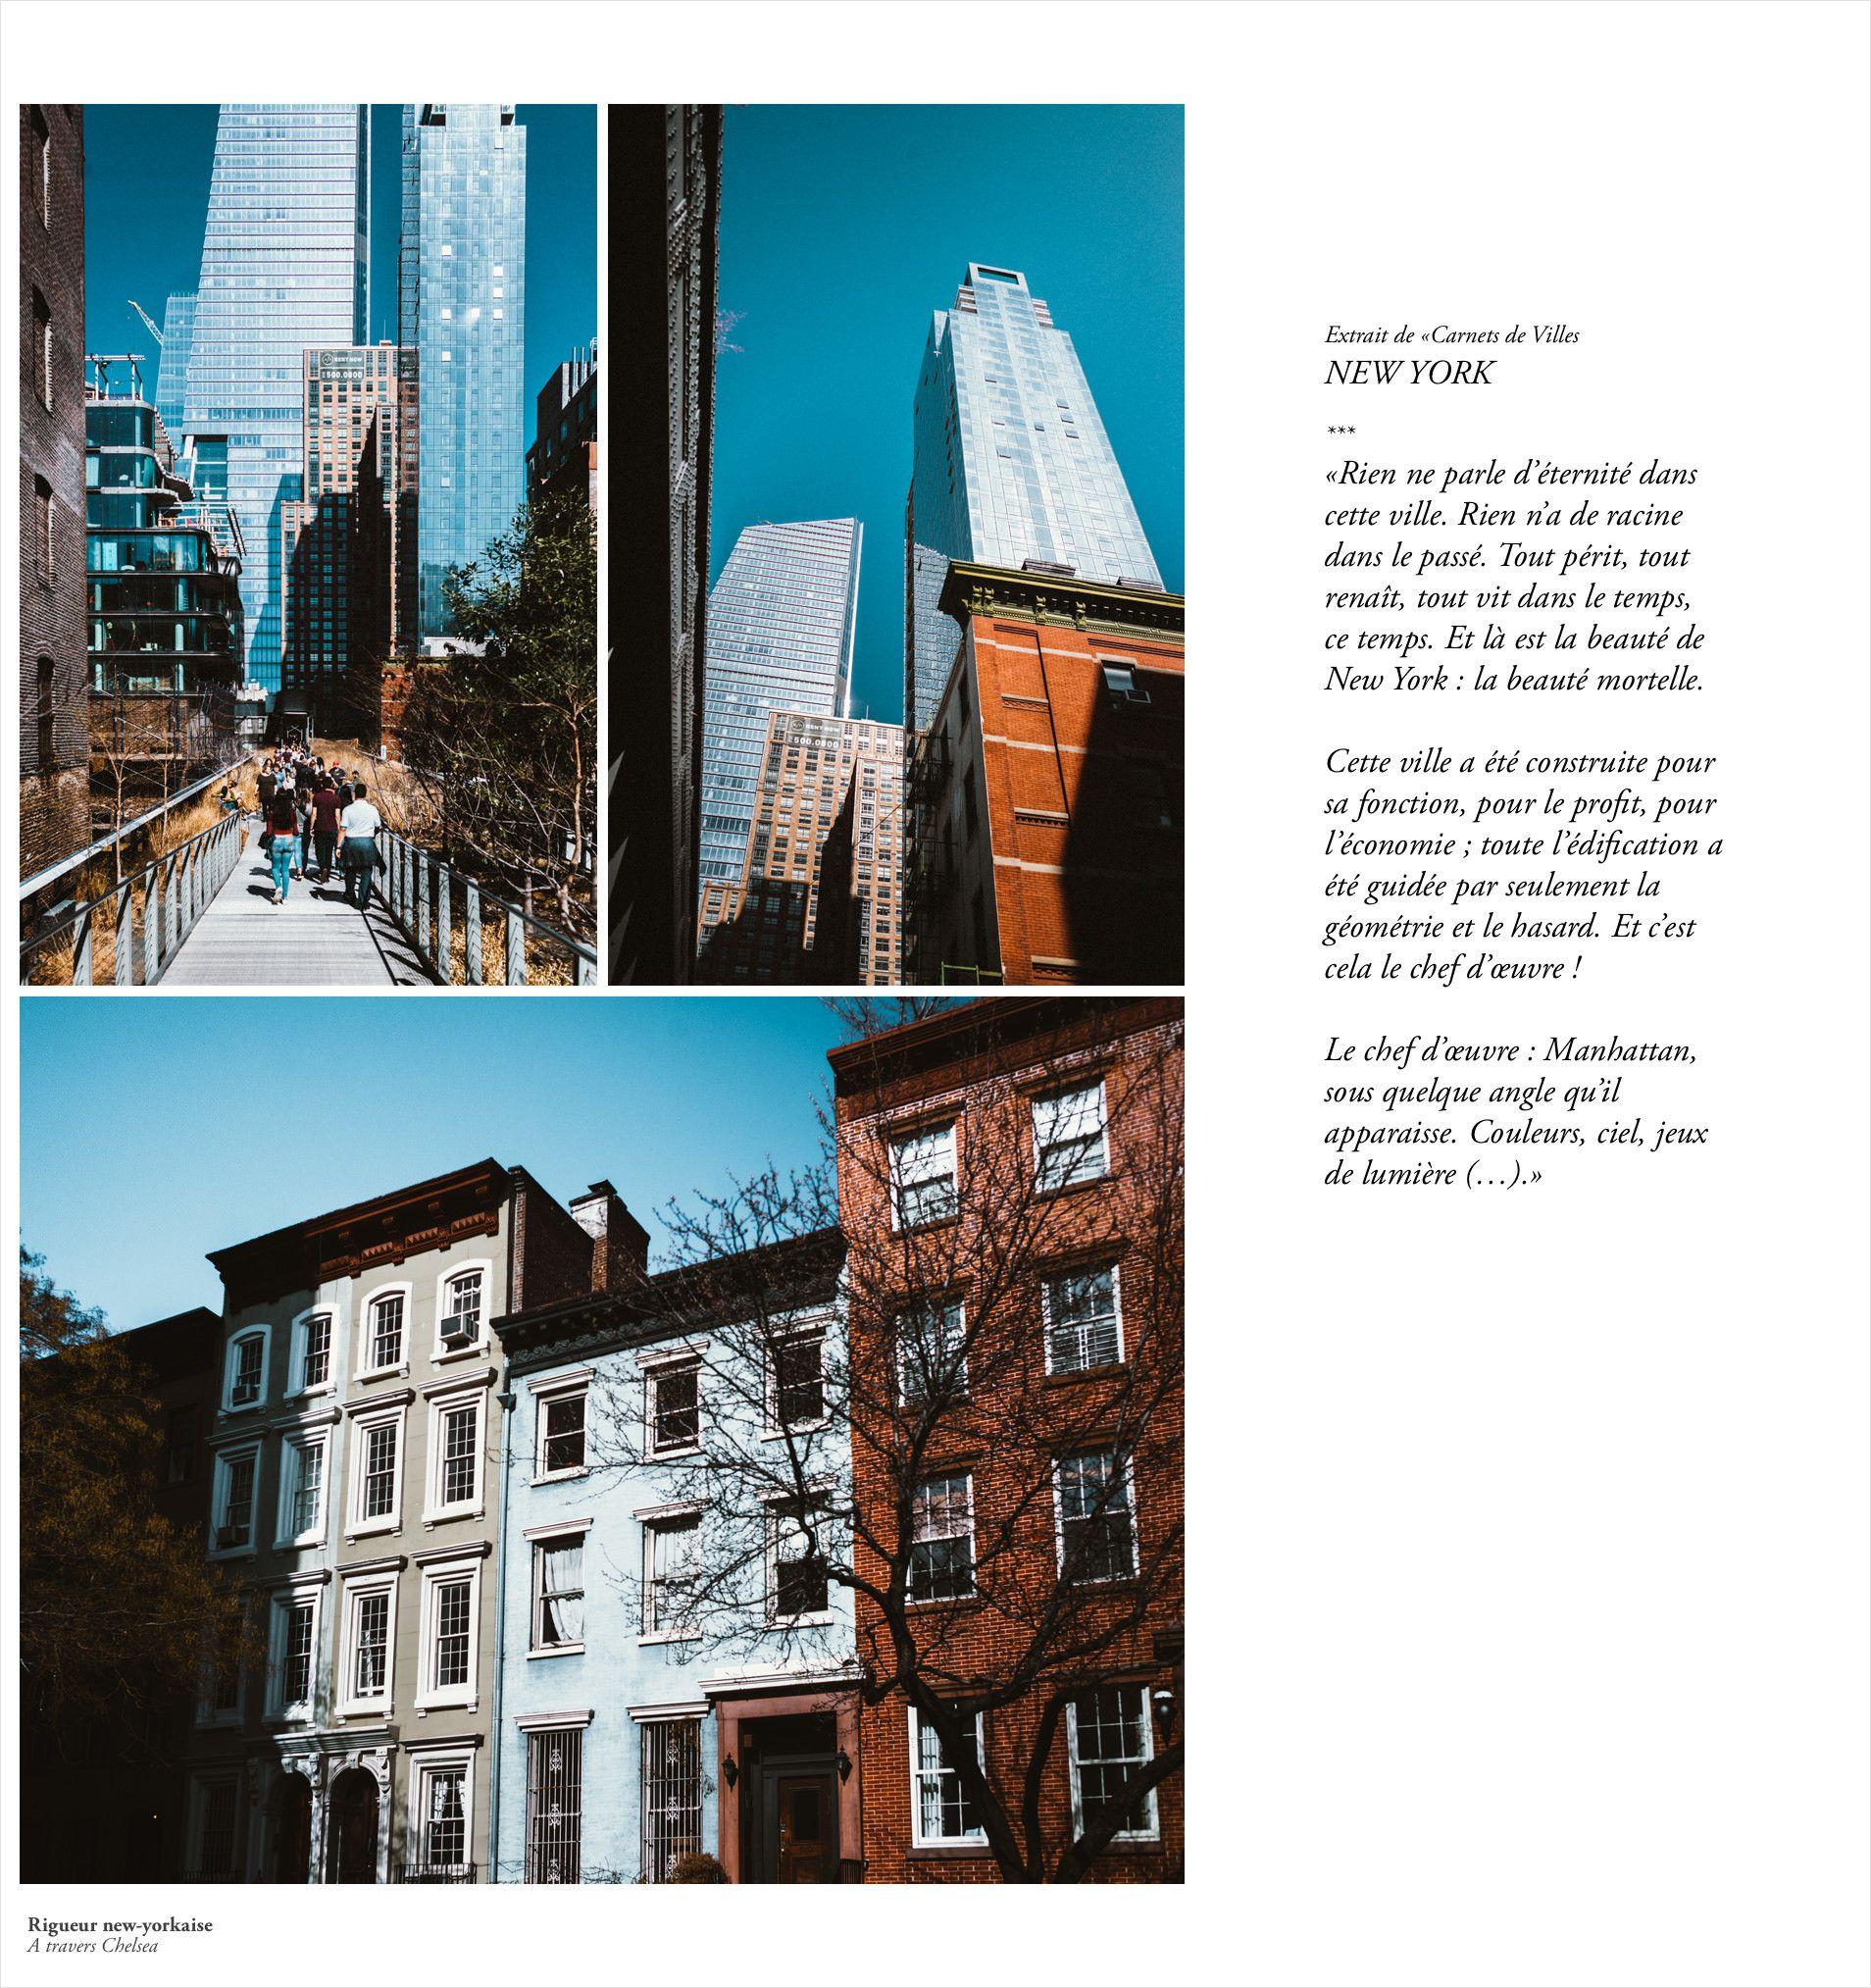 Ou Dormir Dans Chelsea Toutes Nos Adresses Blog Voyage New York Voyage New York Blog Voyage Ville New York